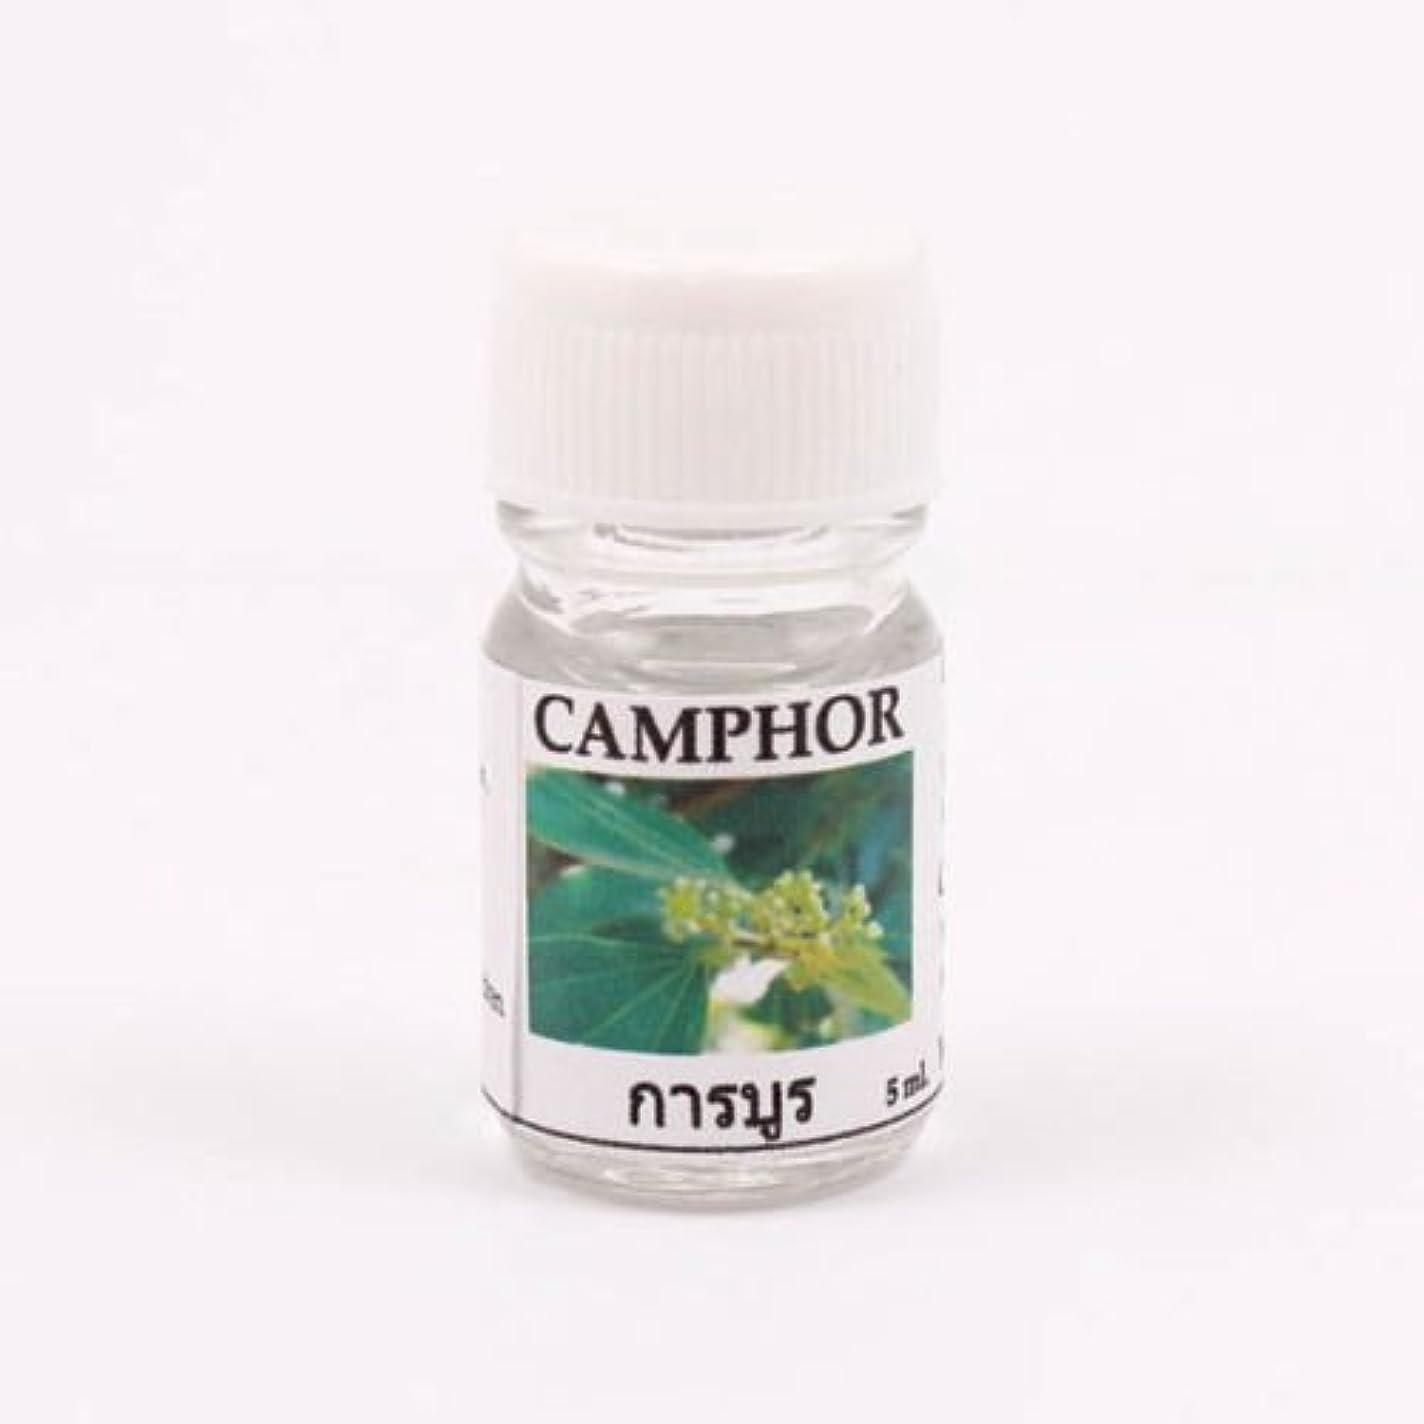 放棄された専門化する出版6X Champor Aroma Fragrance Essential Oil 5ML. (cc) Diffuser Burner Therapy